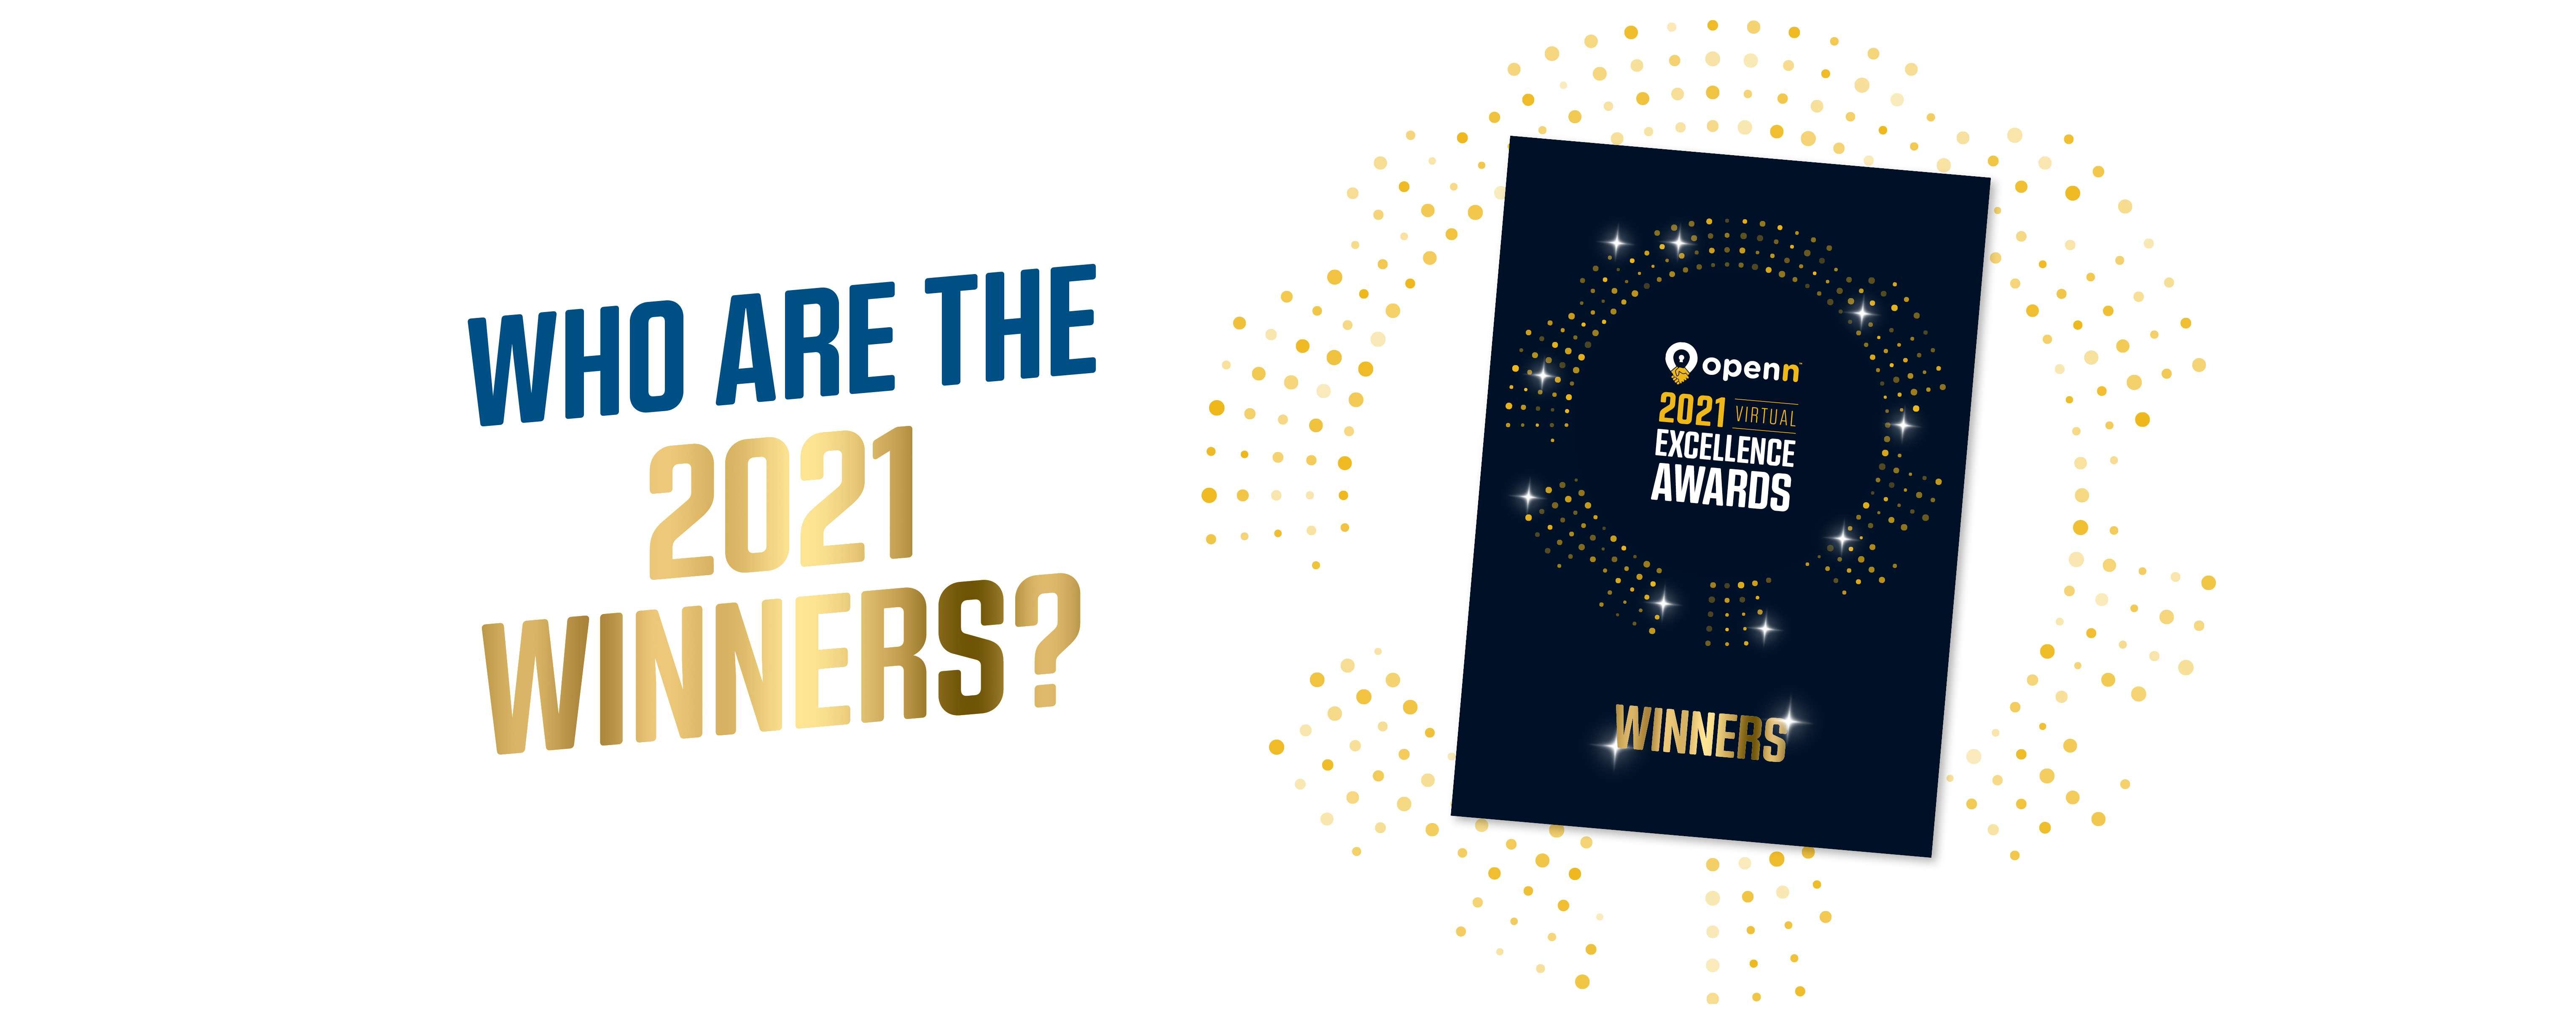 OP296 Openn Excellence Awards_LP banner_Winners_6110x1500px_2